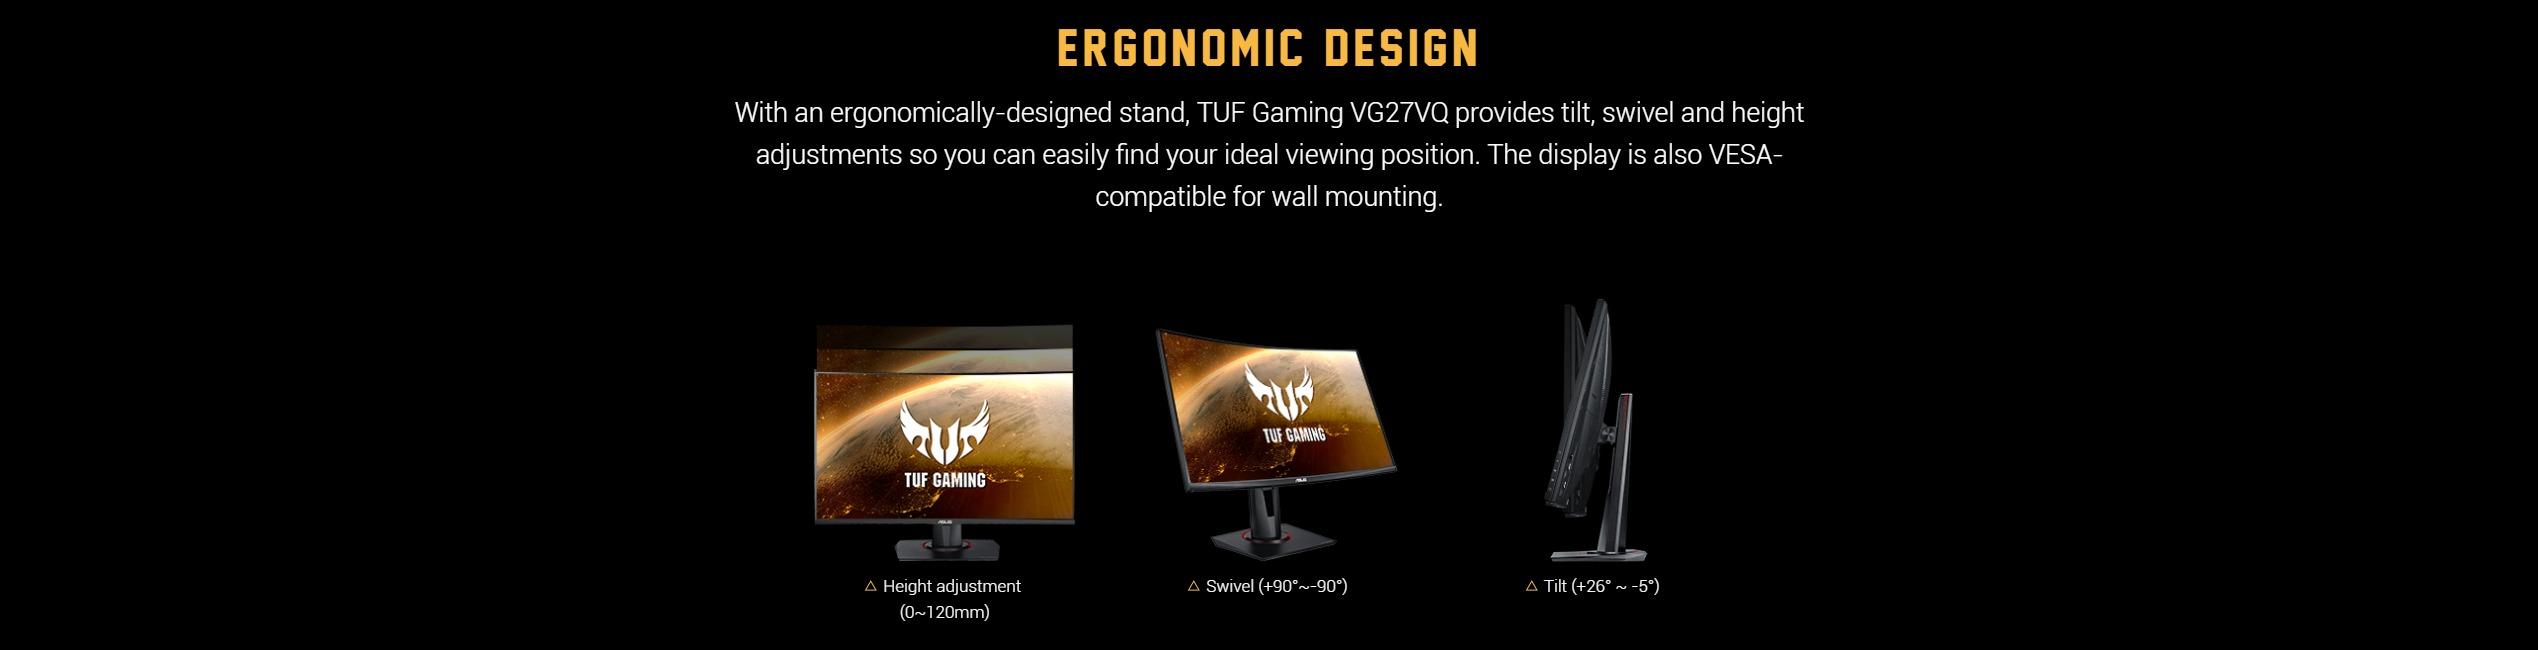 Màn hình ASUS TUF Gaming VG27VQ thiết kế